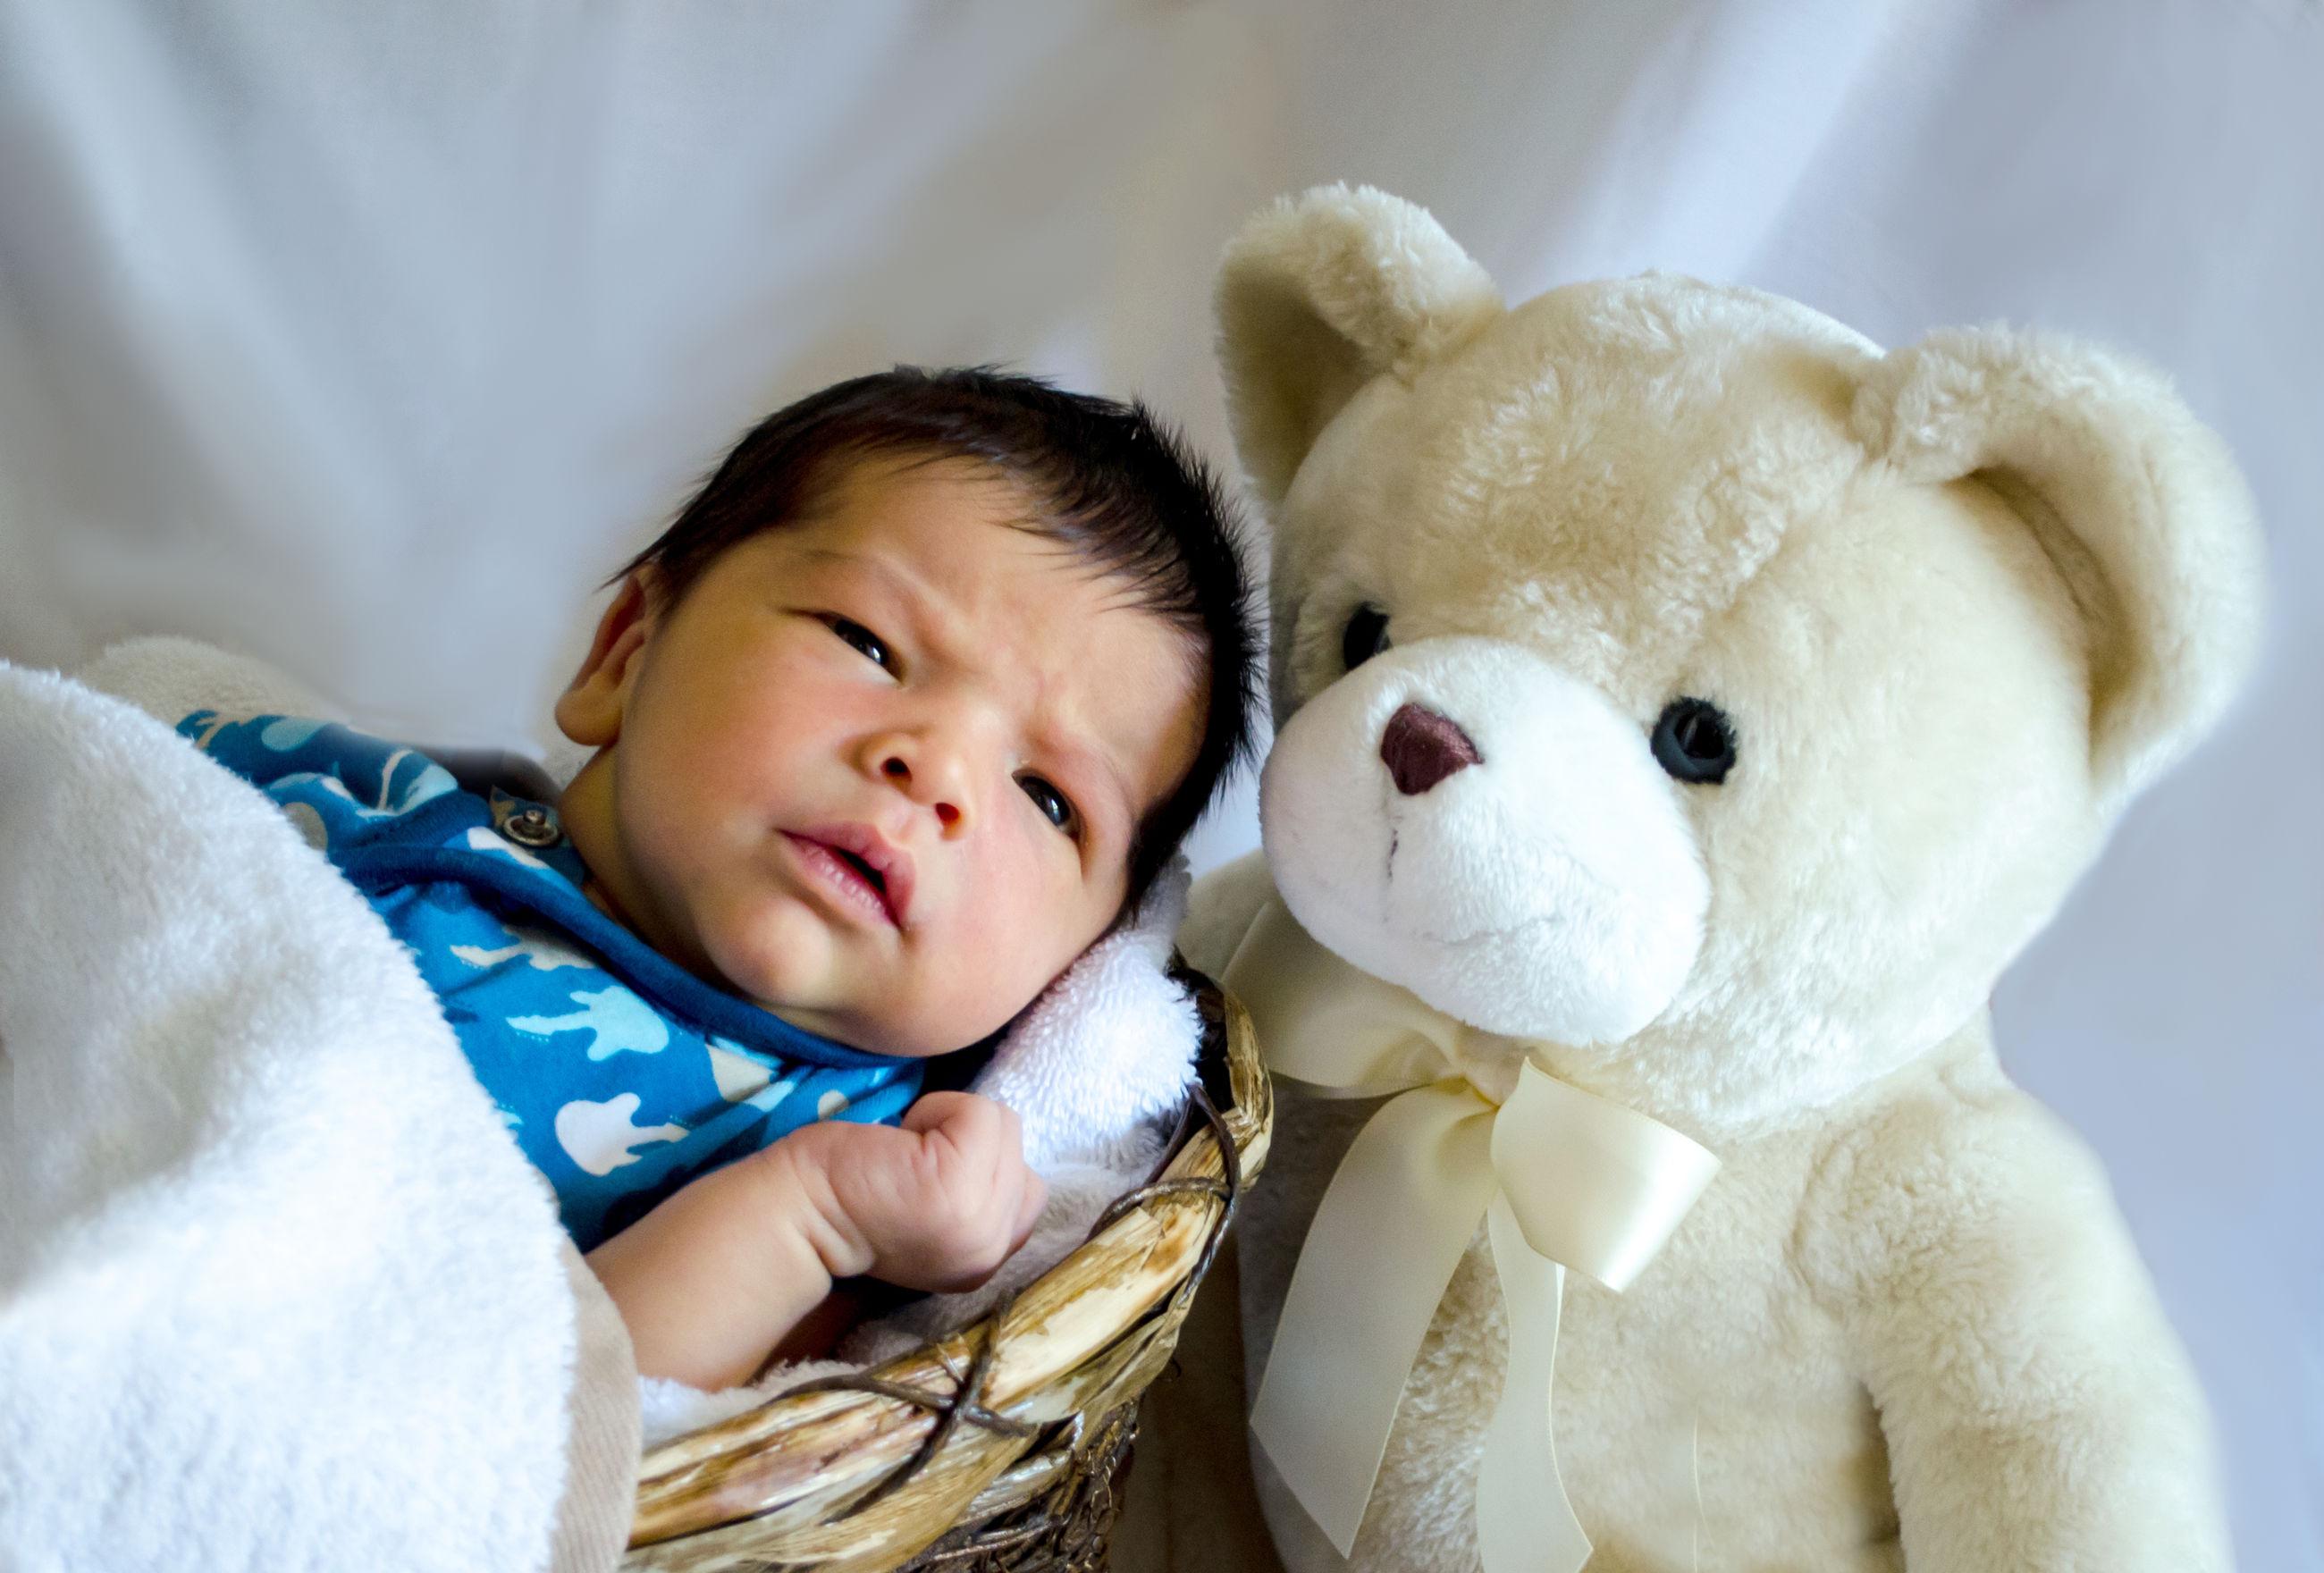 New born baby boy lies in a big basket with a stuffed teddy bear